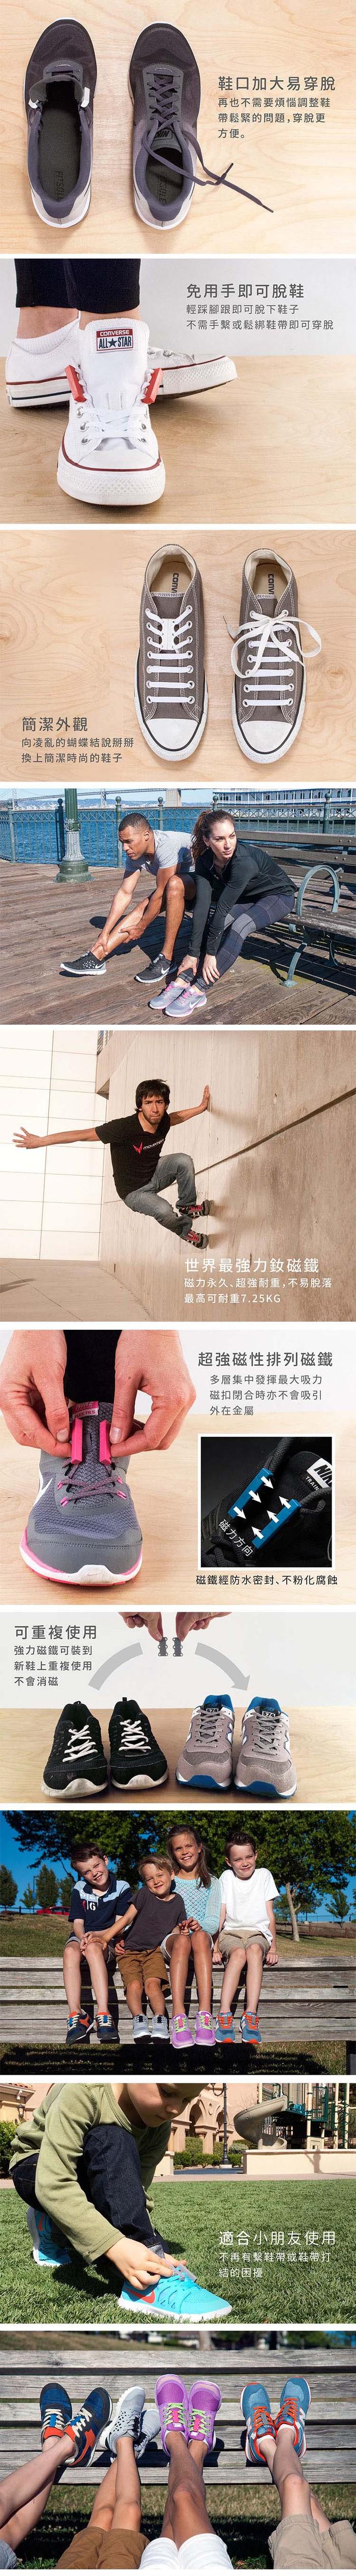 美國 Zubits|強磁鞋帶扣 3 號 - 絕黑